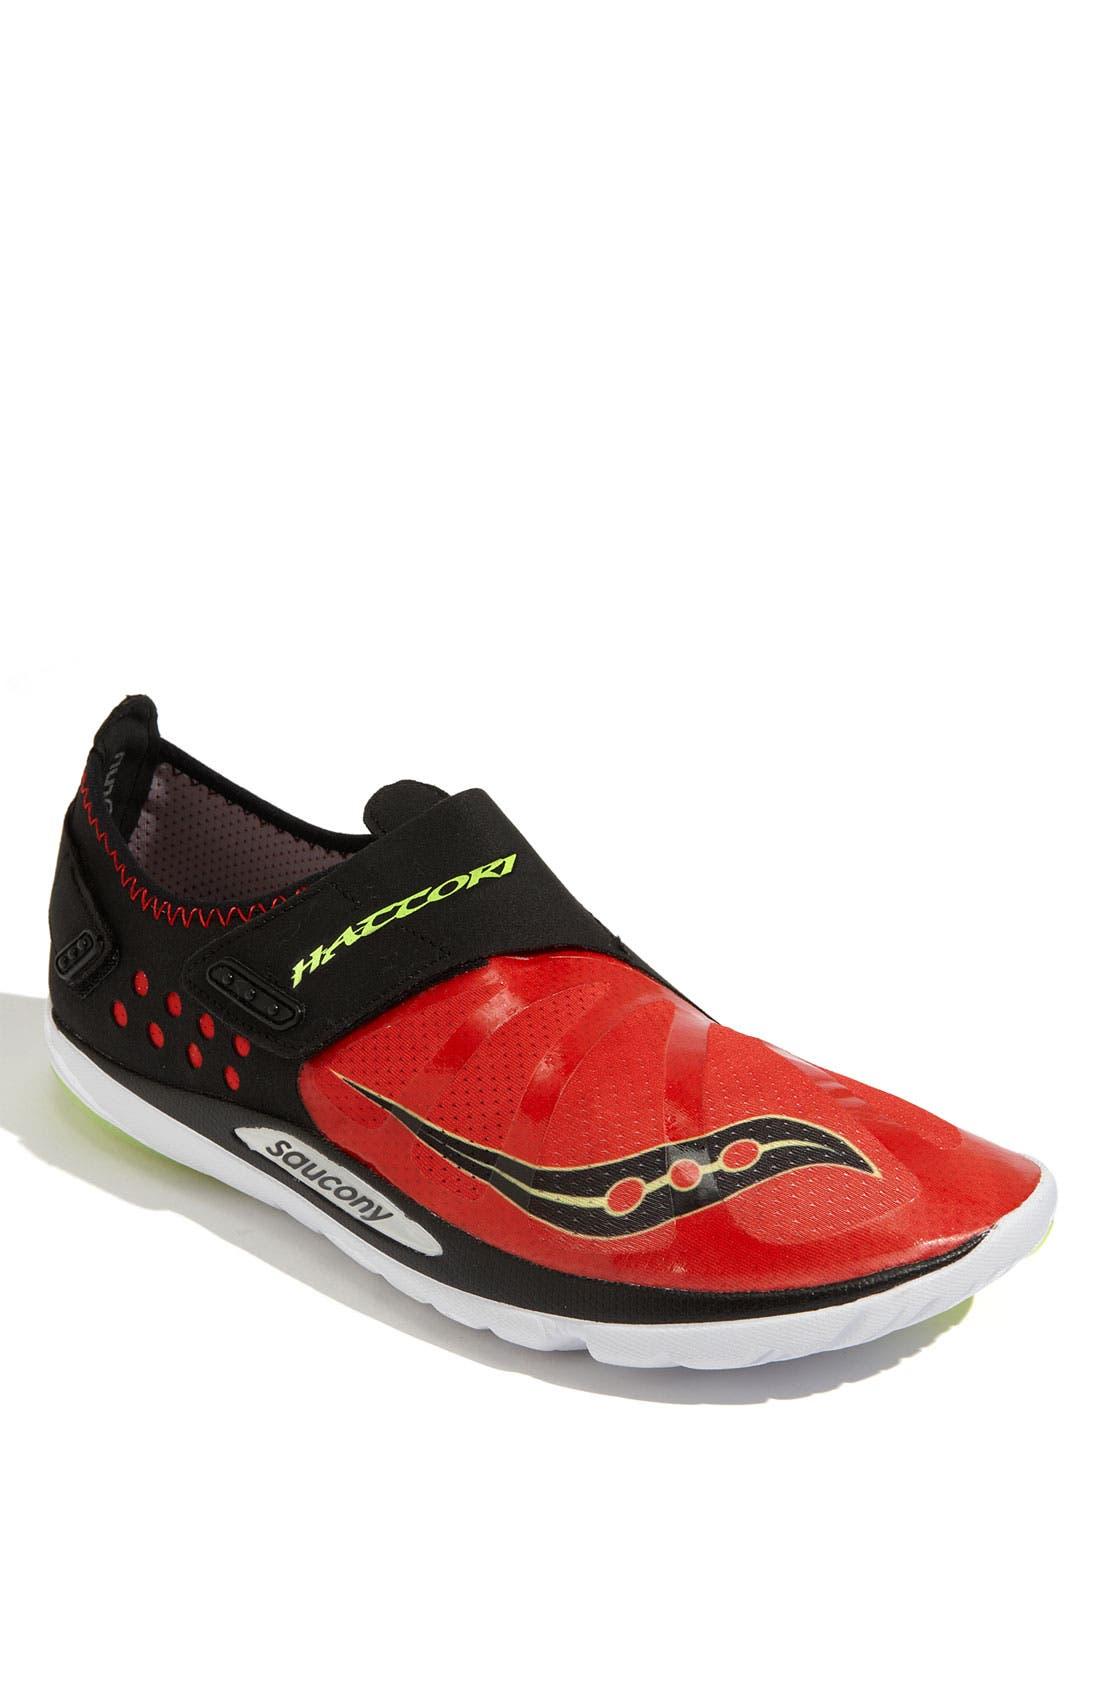 Main Image - Saucony 'Hattori' Running Shoe (Men)